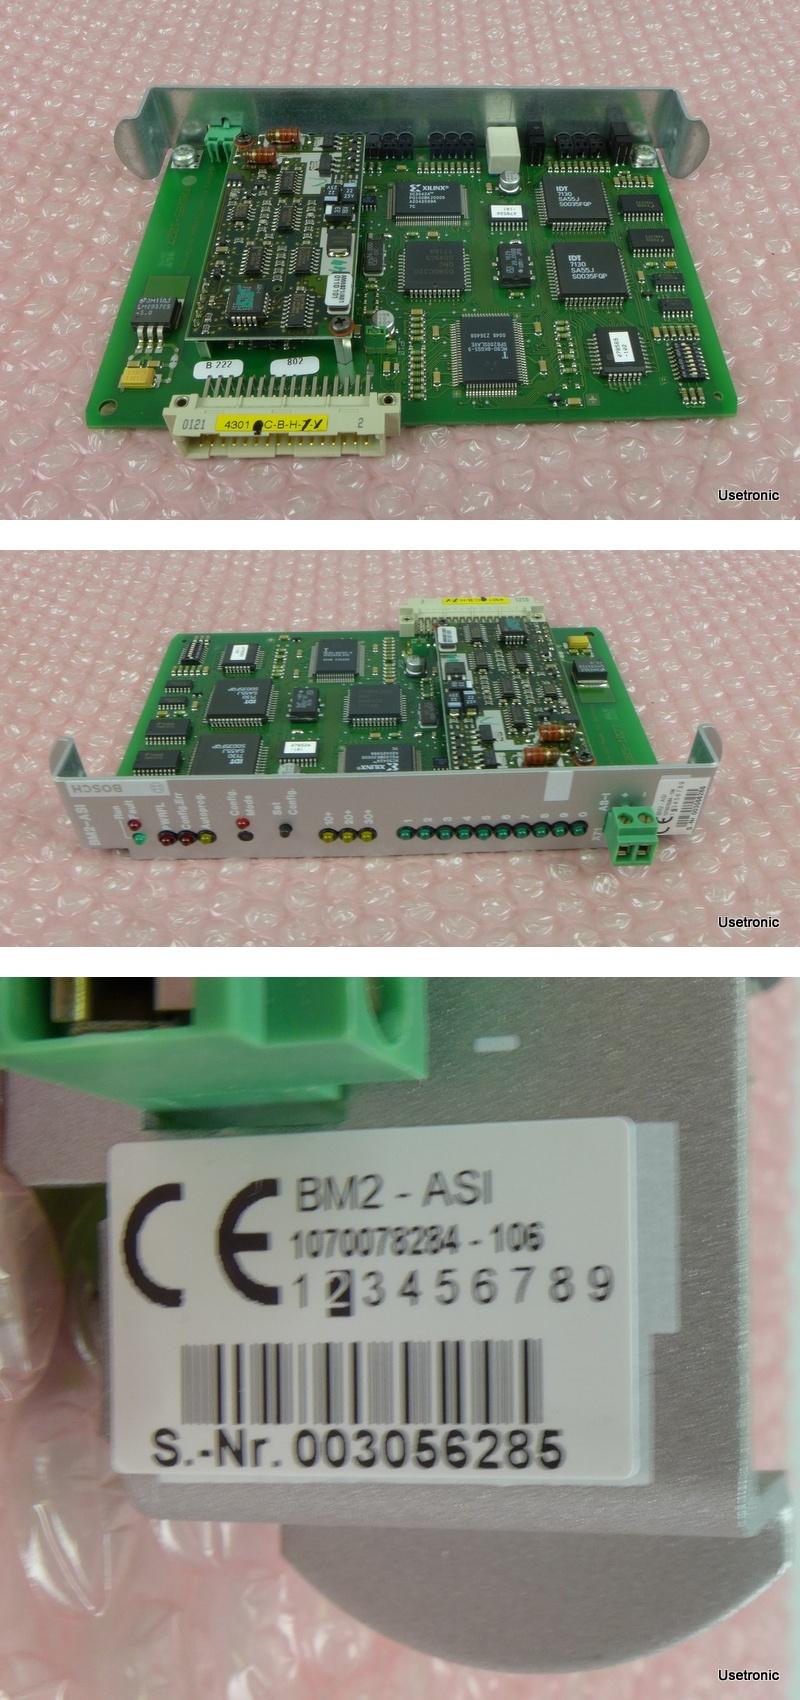 Bosch BM2-ASI 1070078284-106